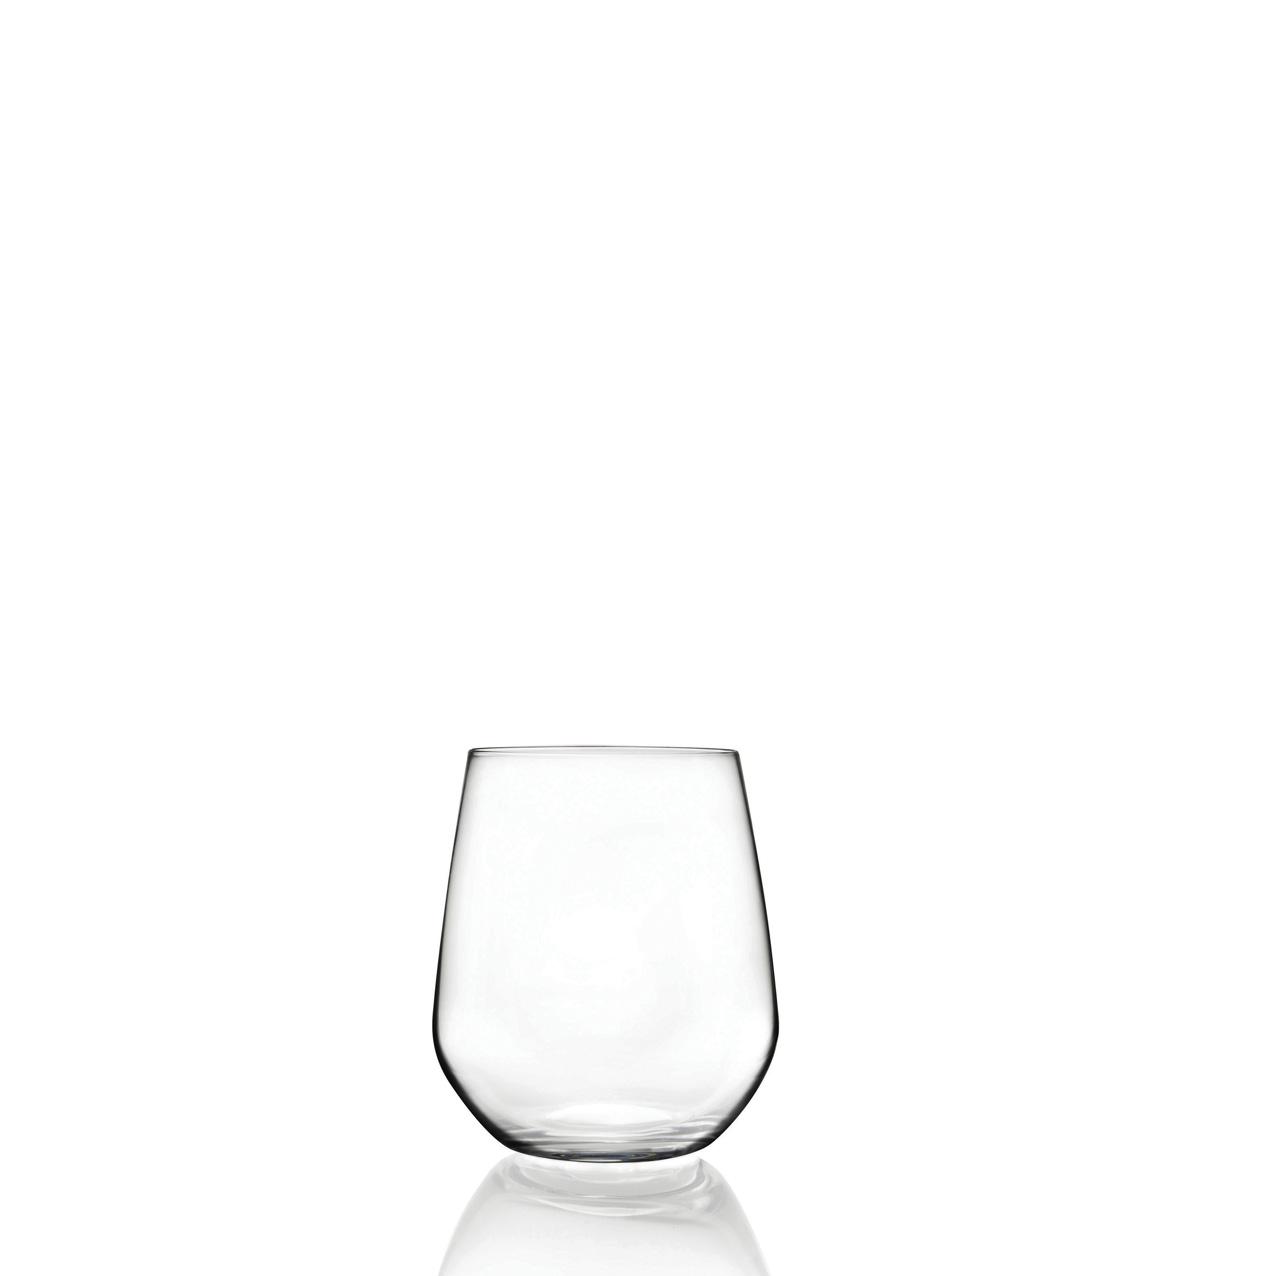 Bicchiere universum rcr conf 6 pezzi gma serigrafia for Serigrafia bicchieri